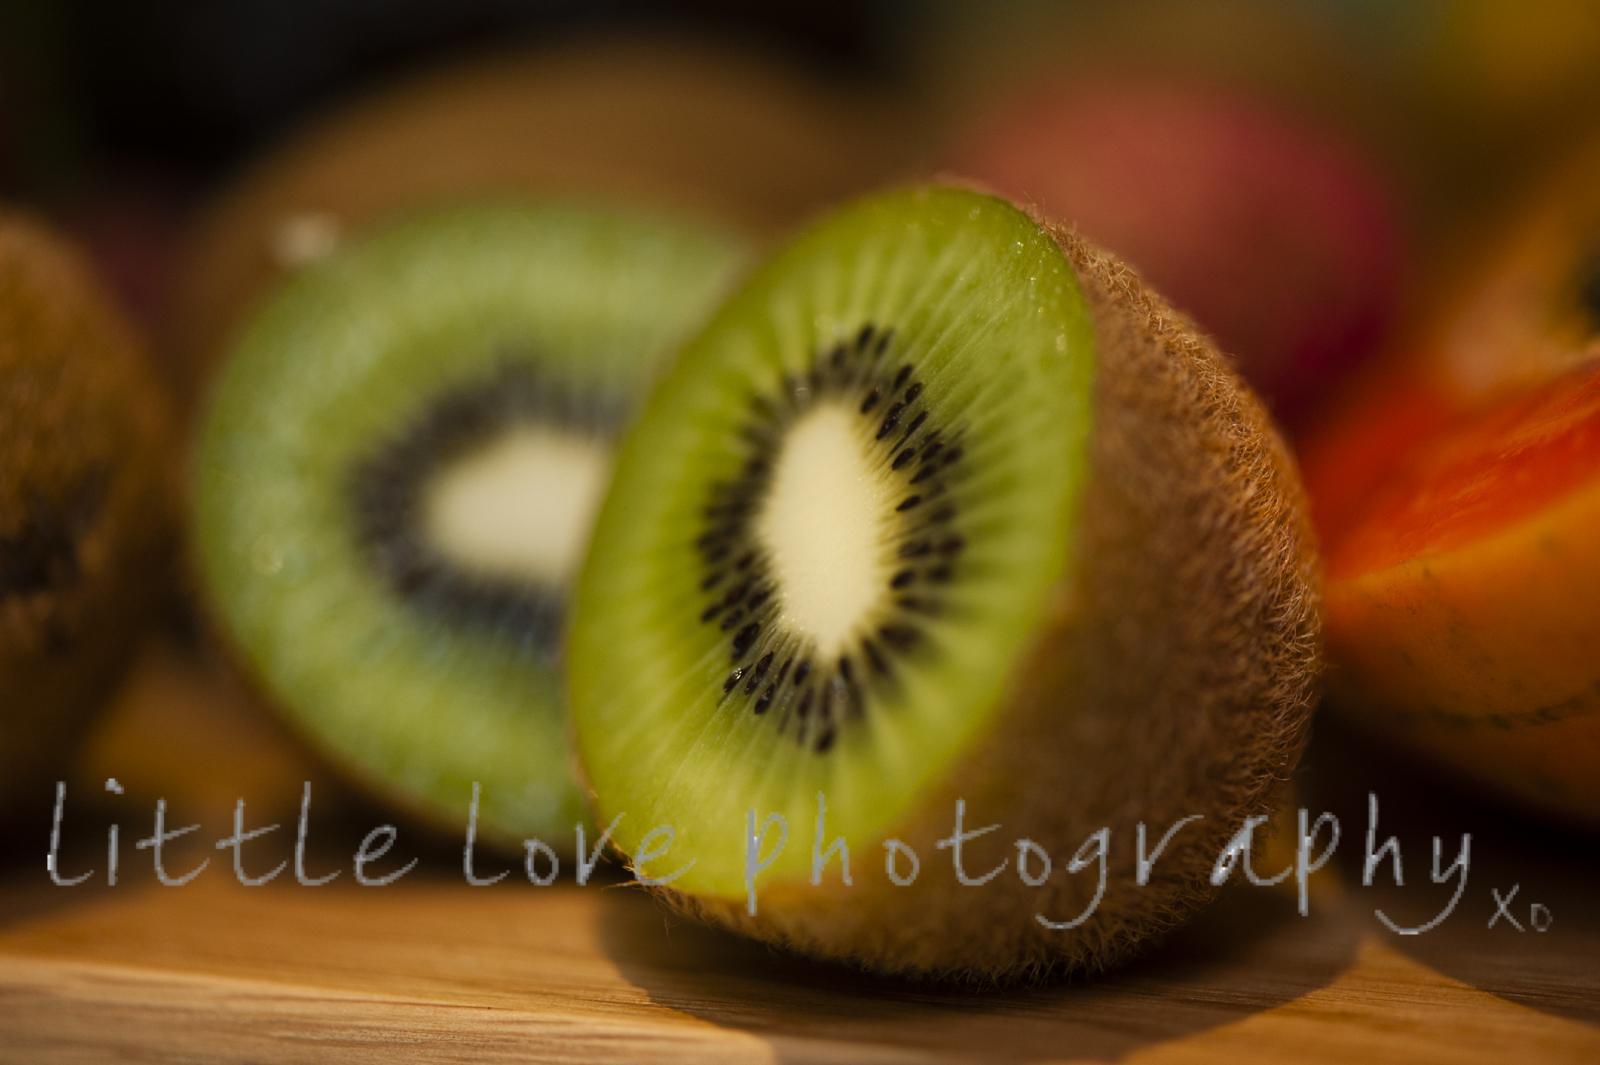 webphotographysydney-1003.jpg